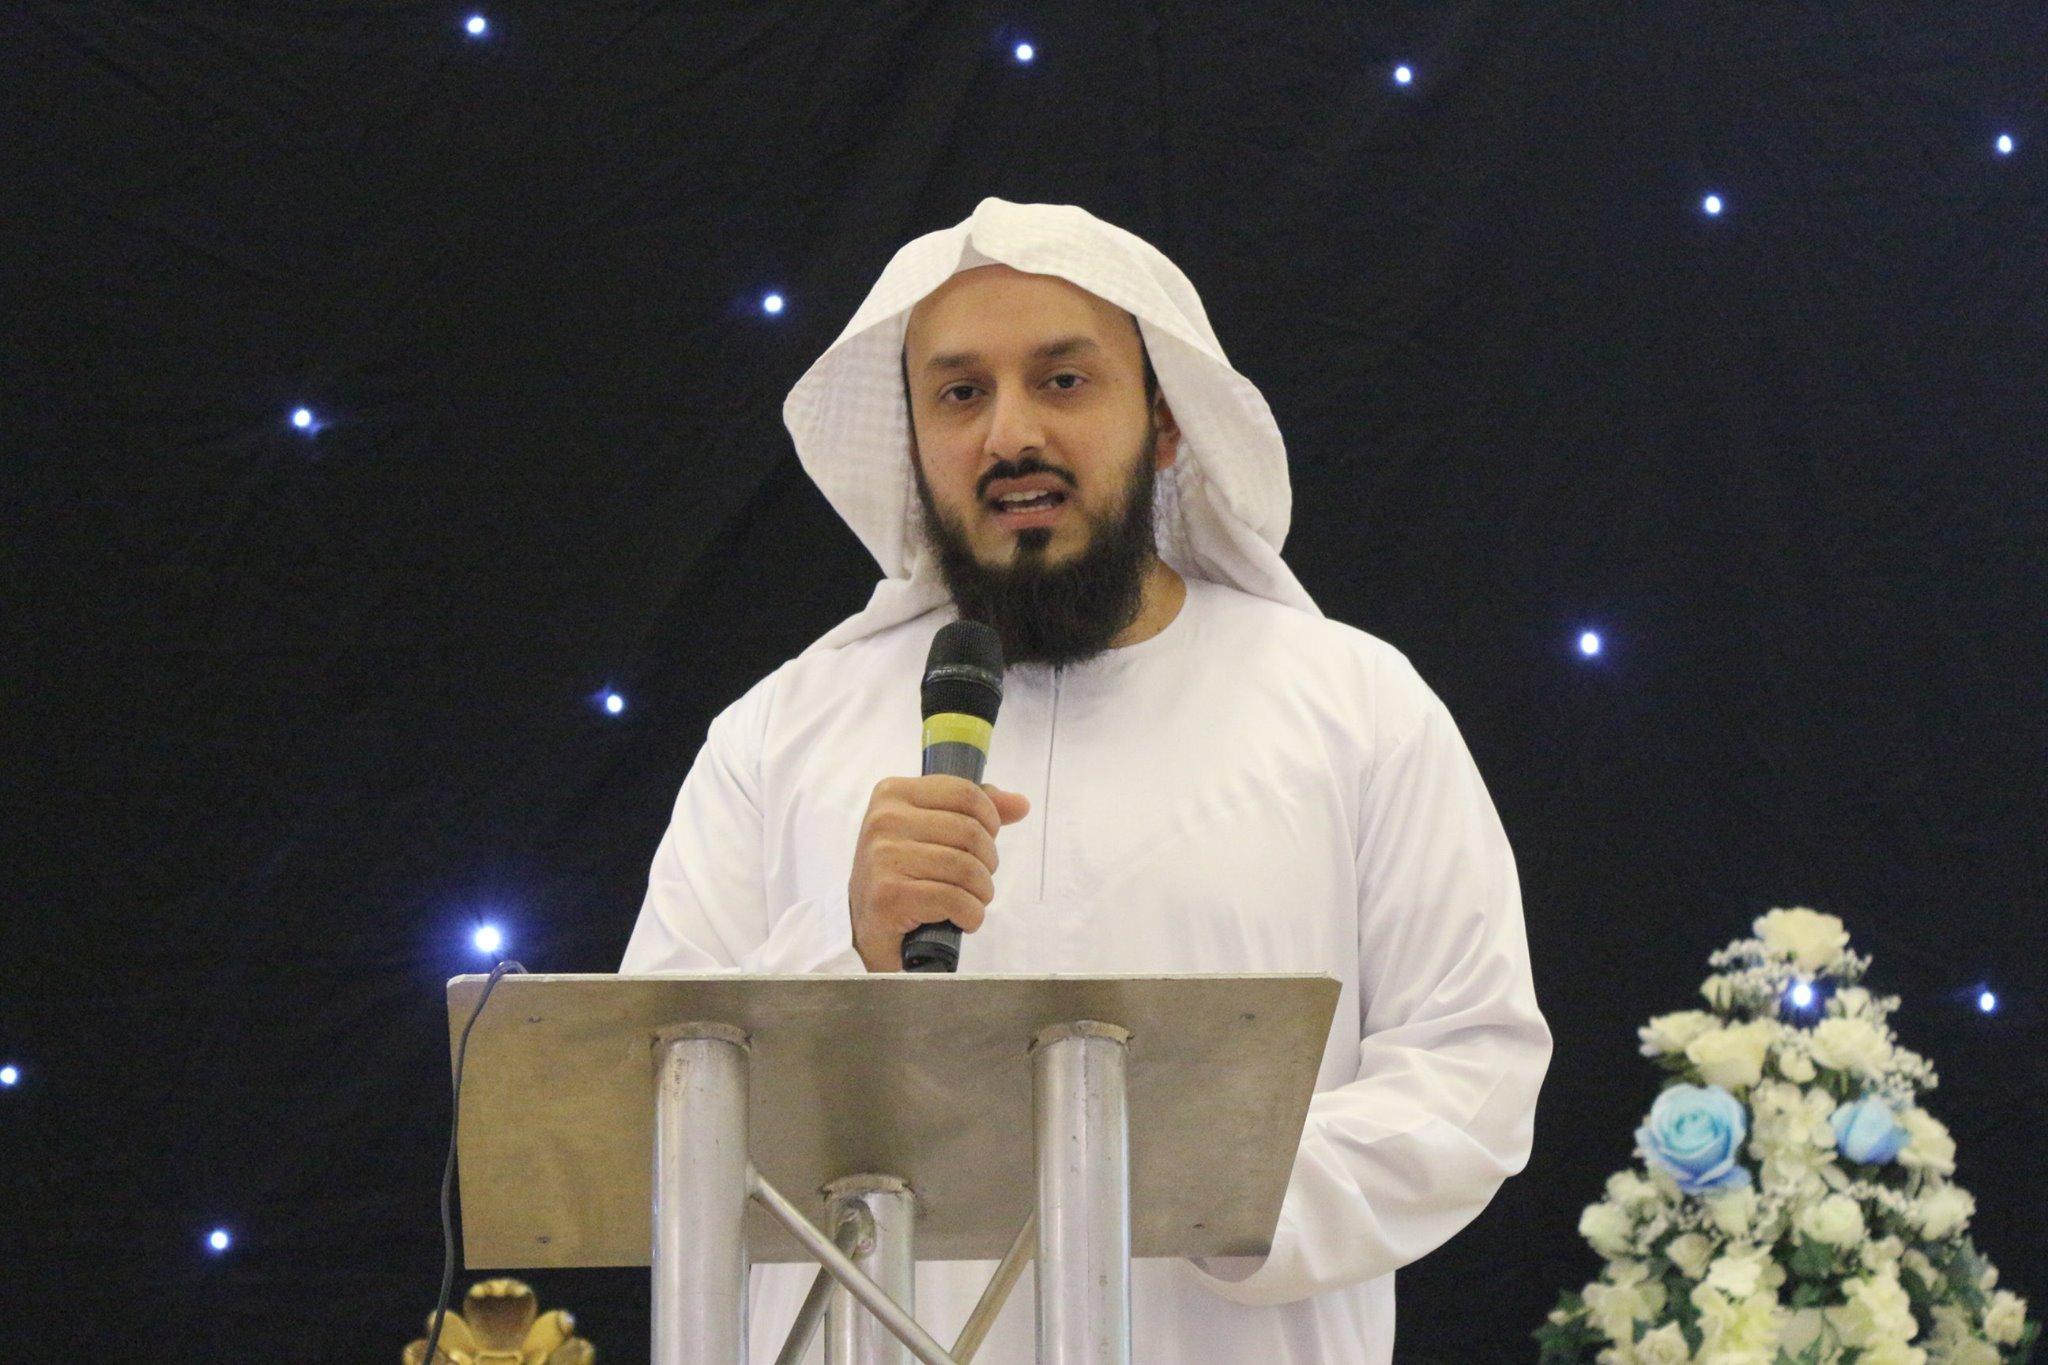 Sheikh Ibraheem Menk